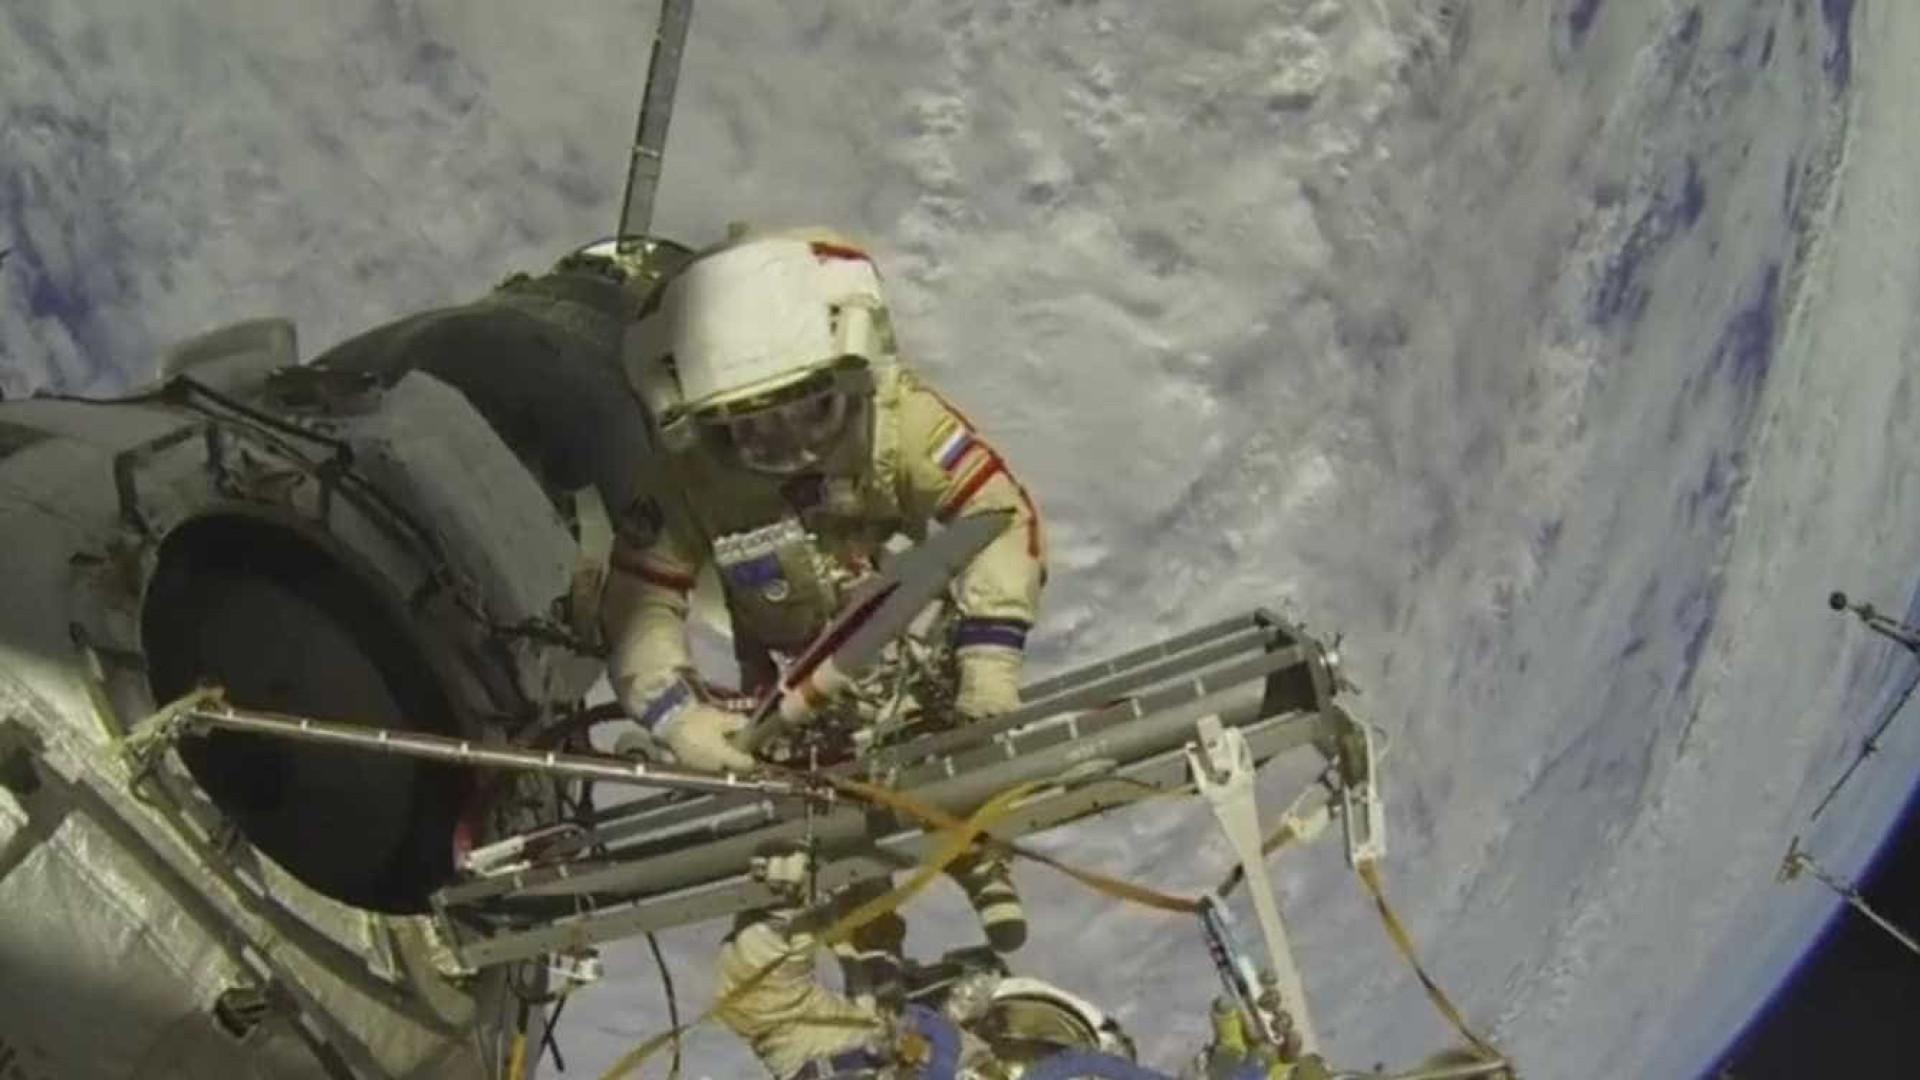 Ao vivo de astronautas no espaço em página do 'Face' era mentira